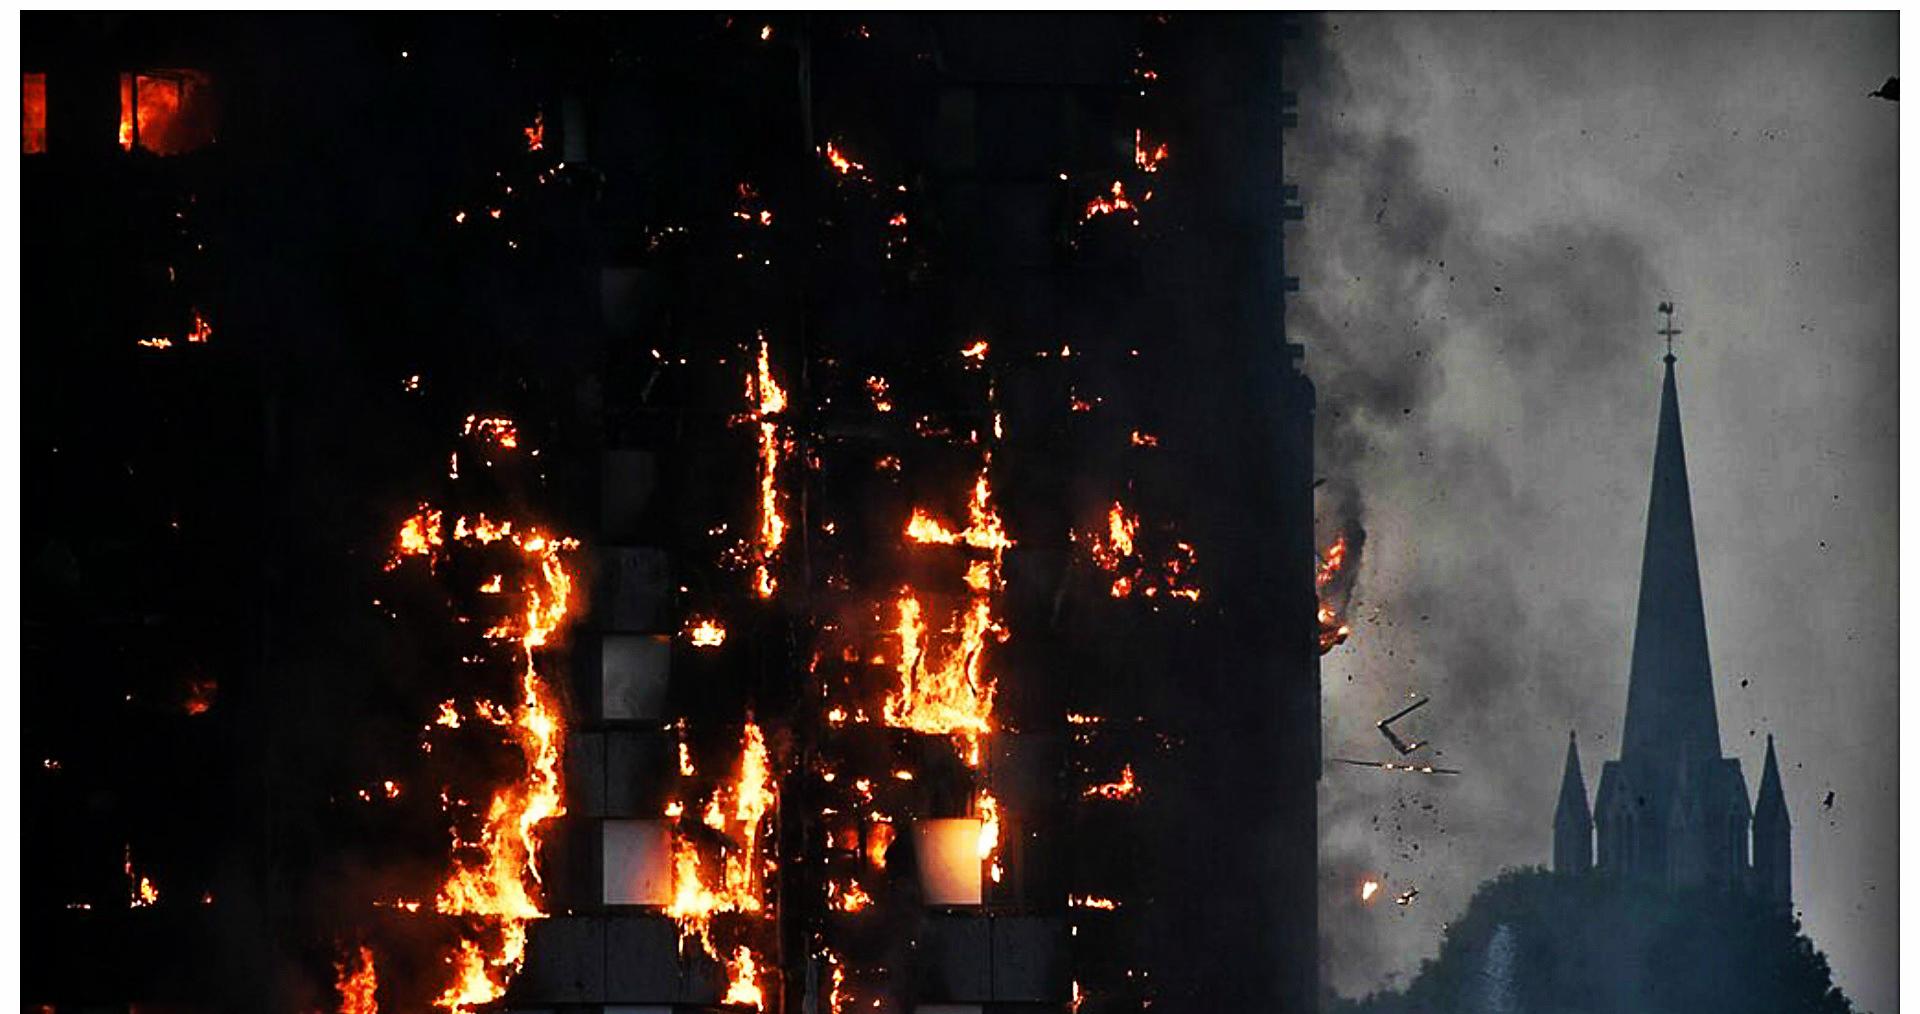 Znamy już los polskiej zaginionej w pożarze londyńskiego bloku mieszkalnego